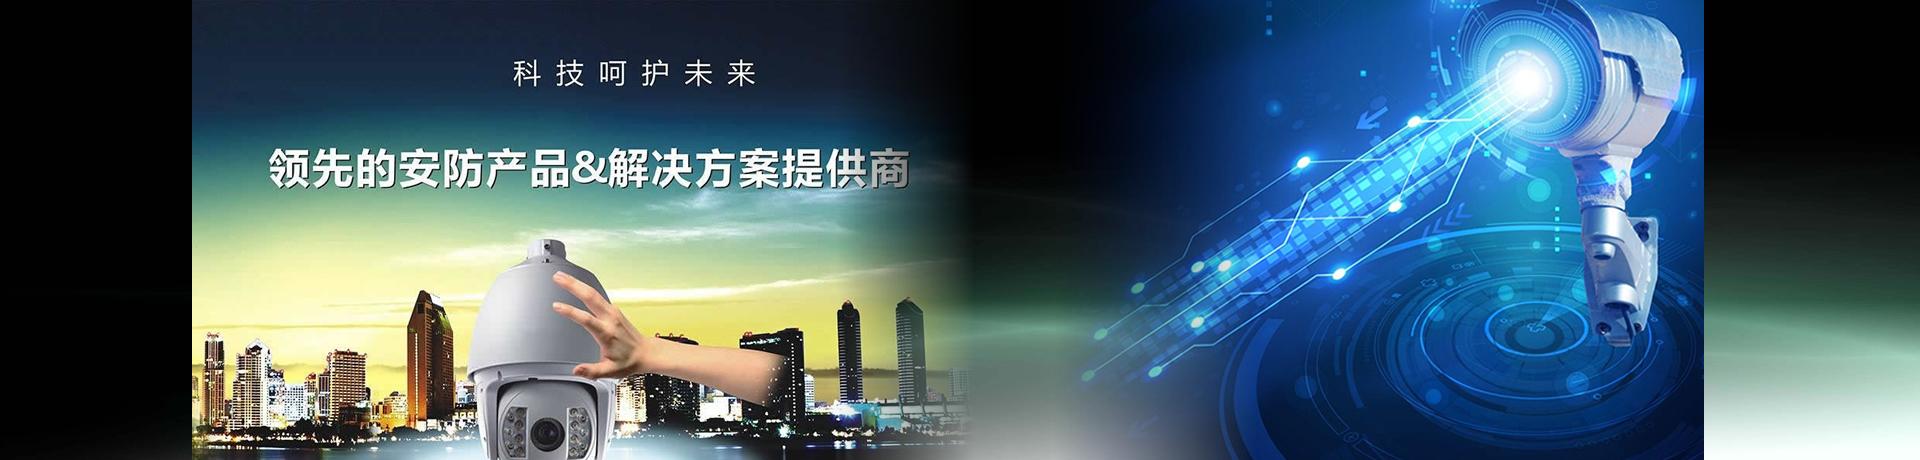 河北唐道安防公司